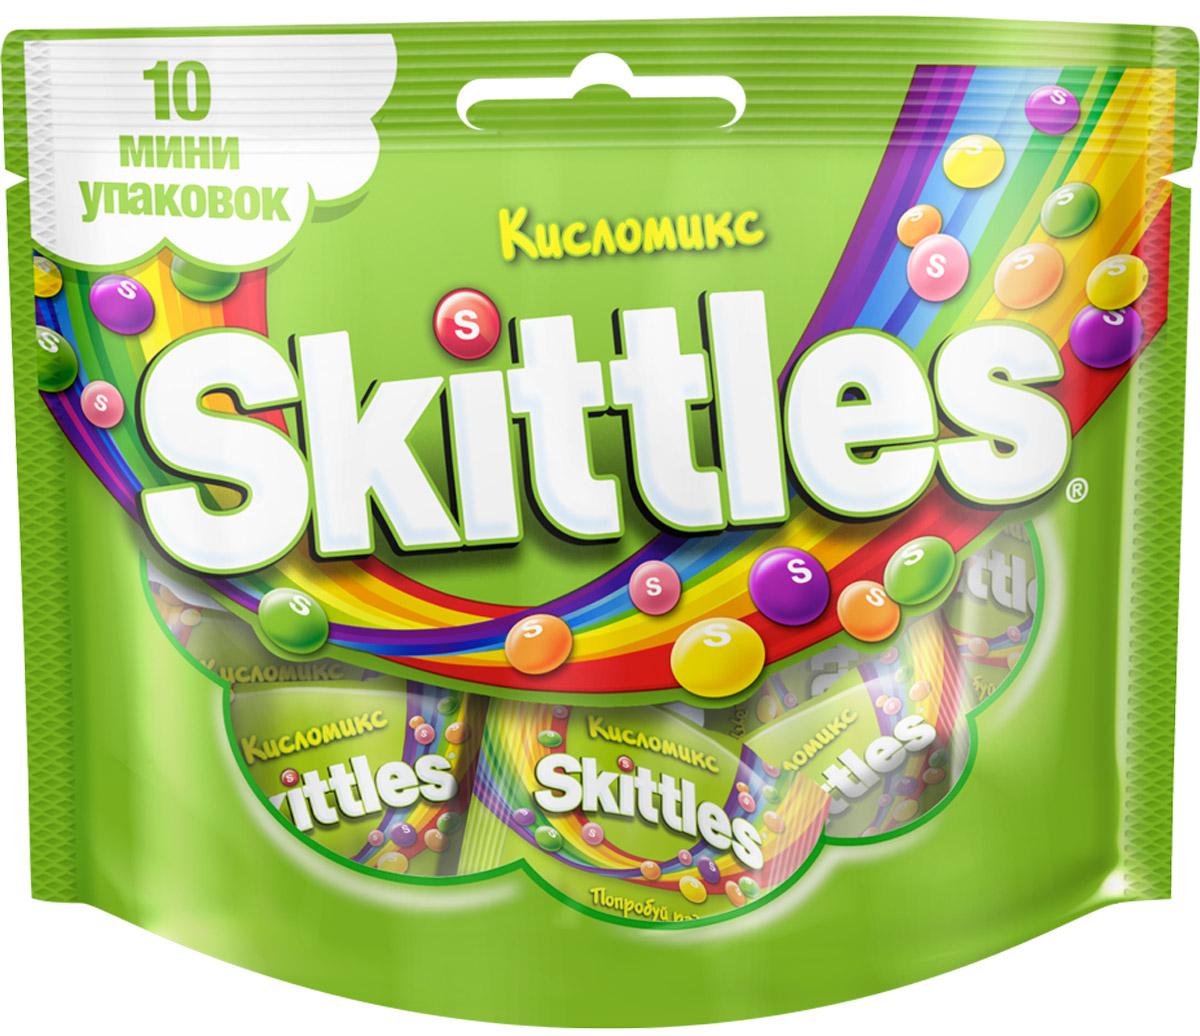 """Skittles """"Кисломикс"""" драже в сахарной глазури, 10 пачек по 12 г 4009900498159"""